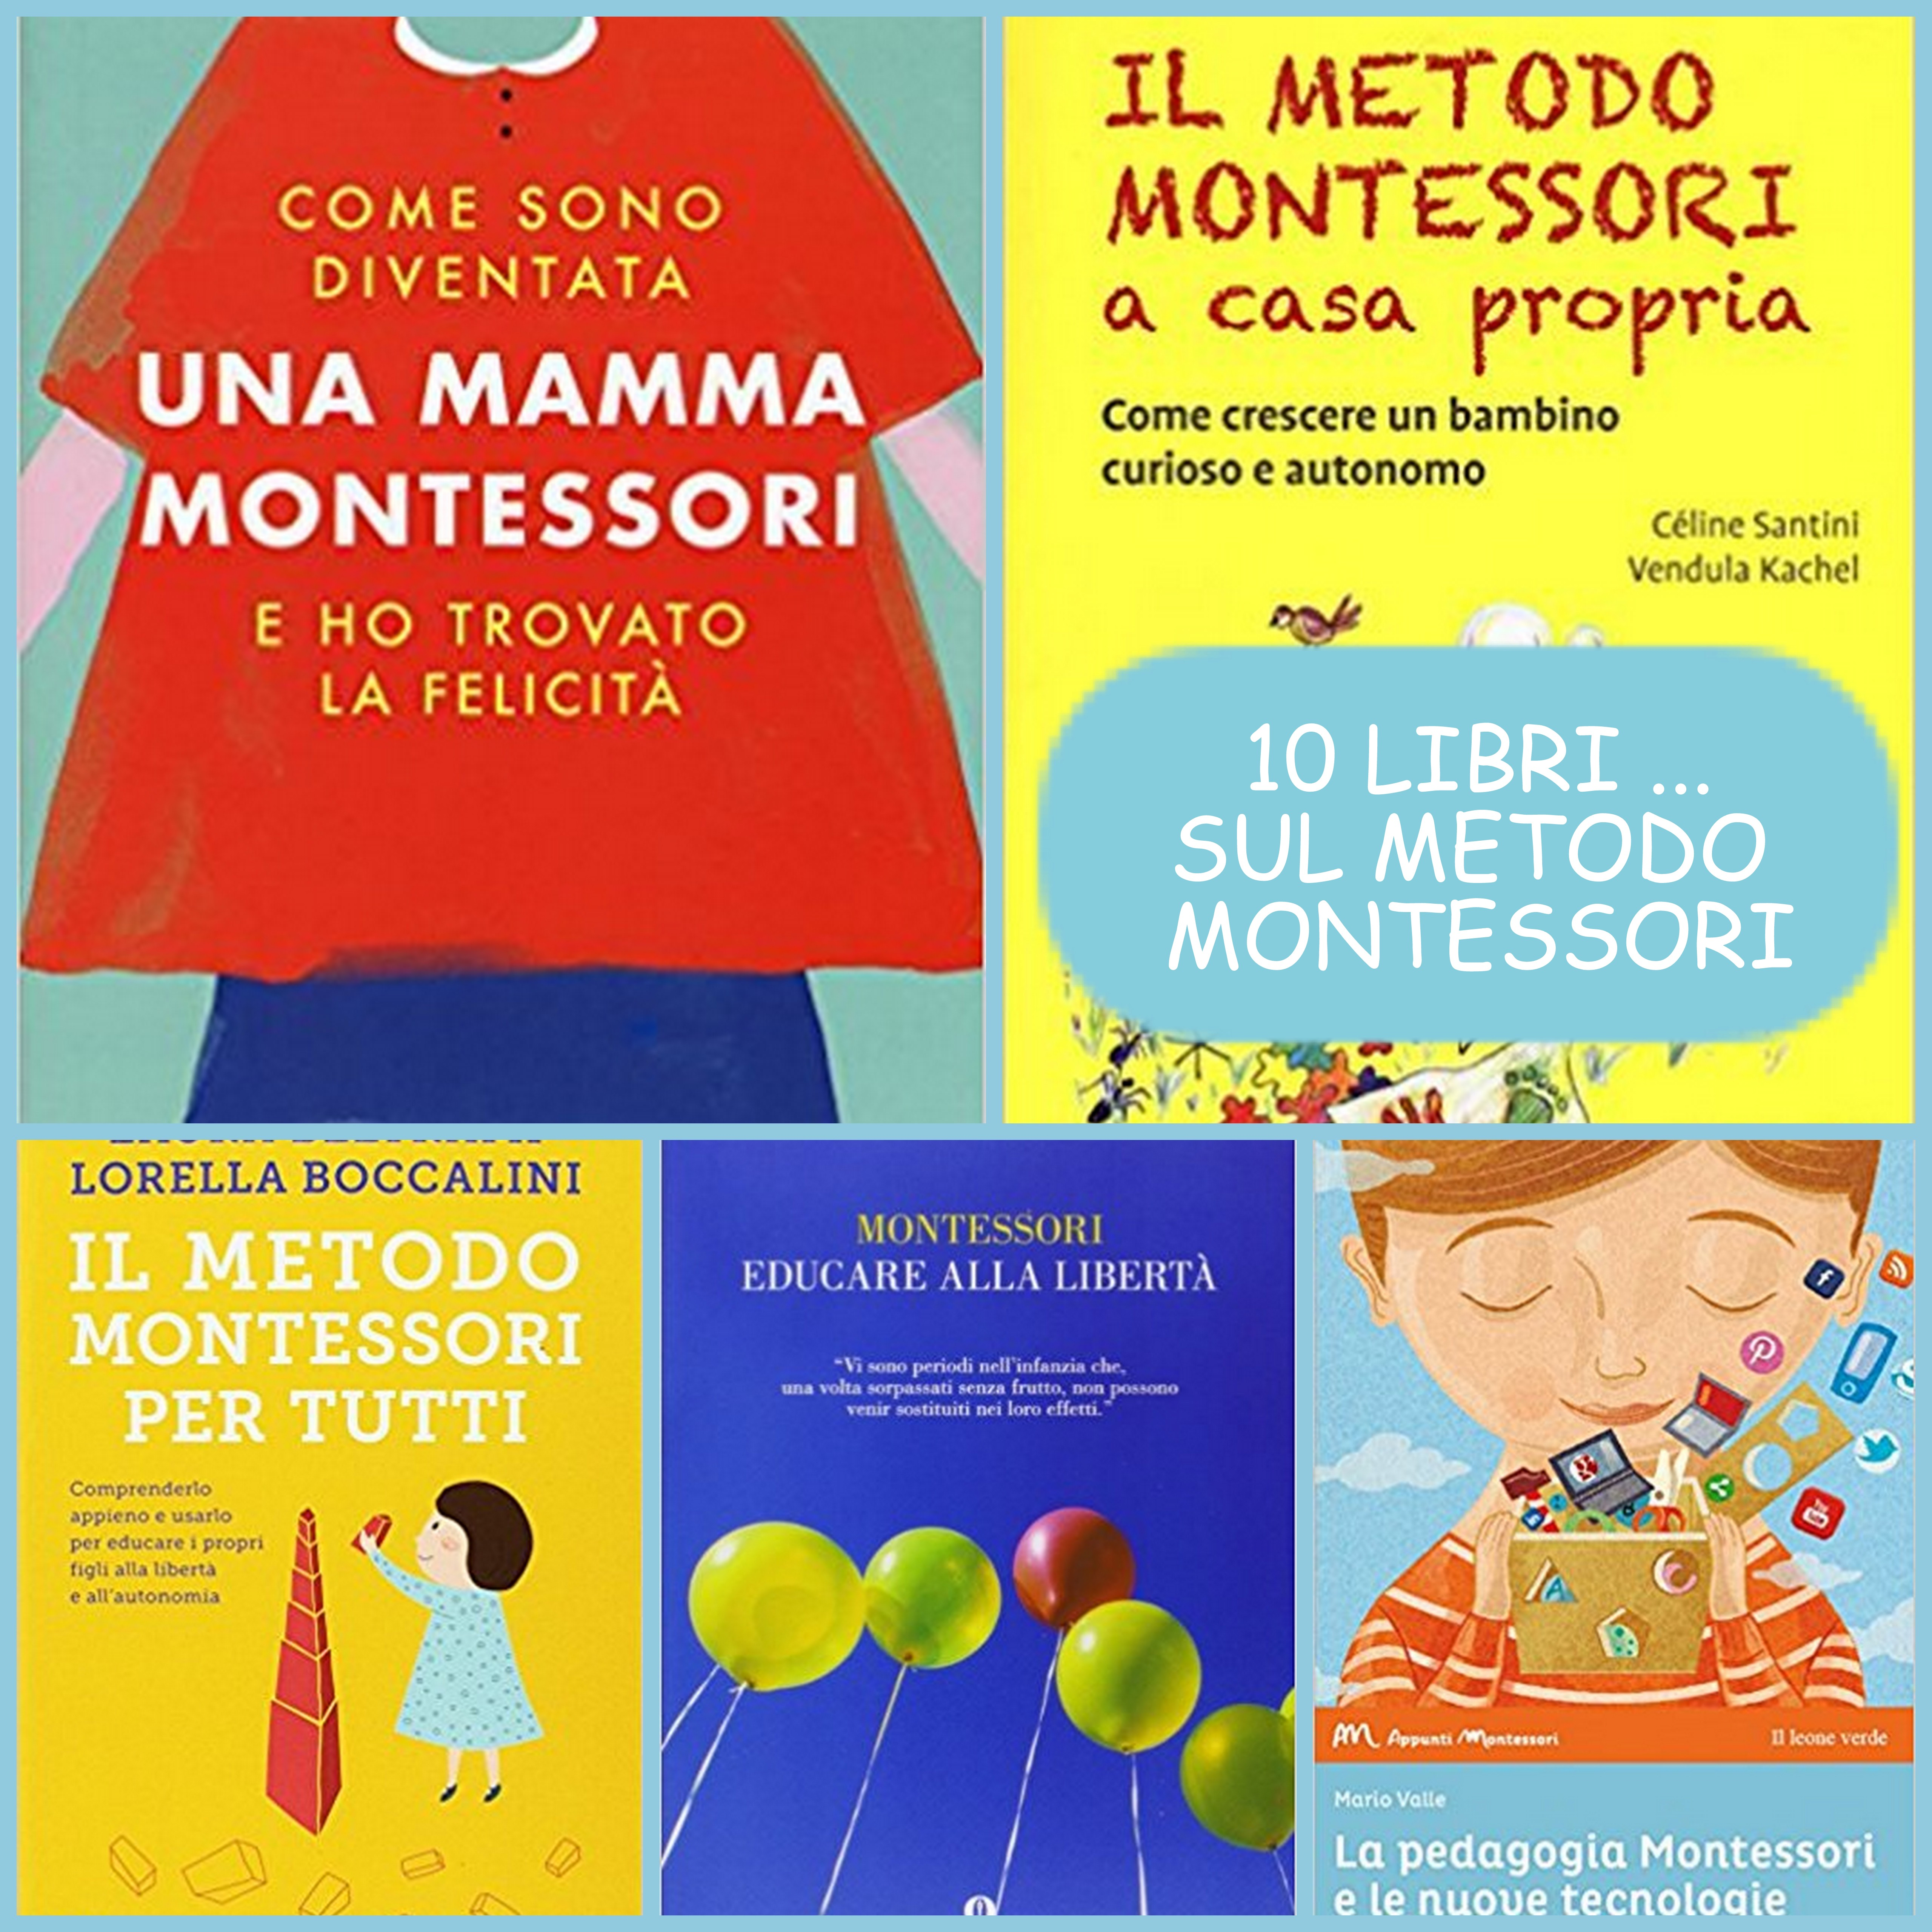 10 libri METODO MONTESSOR